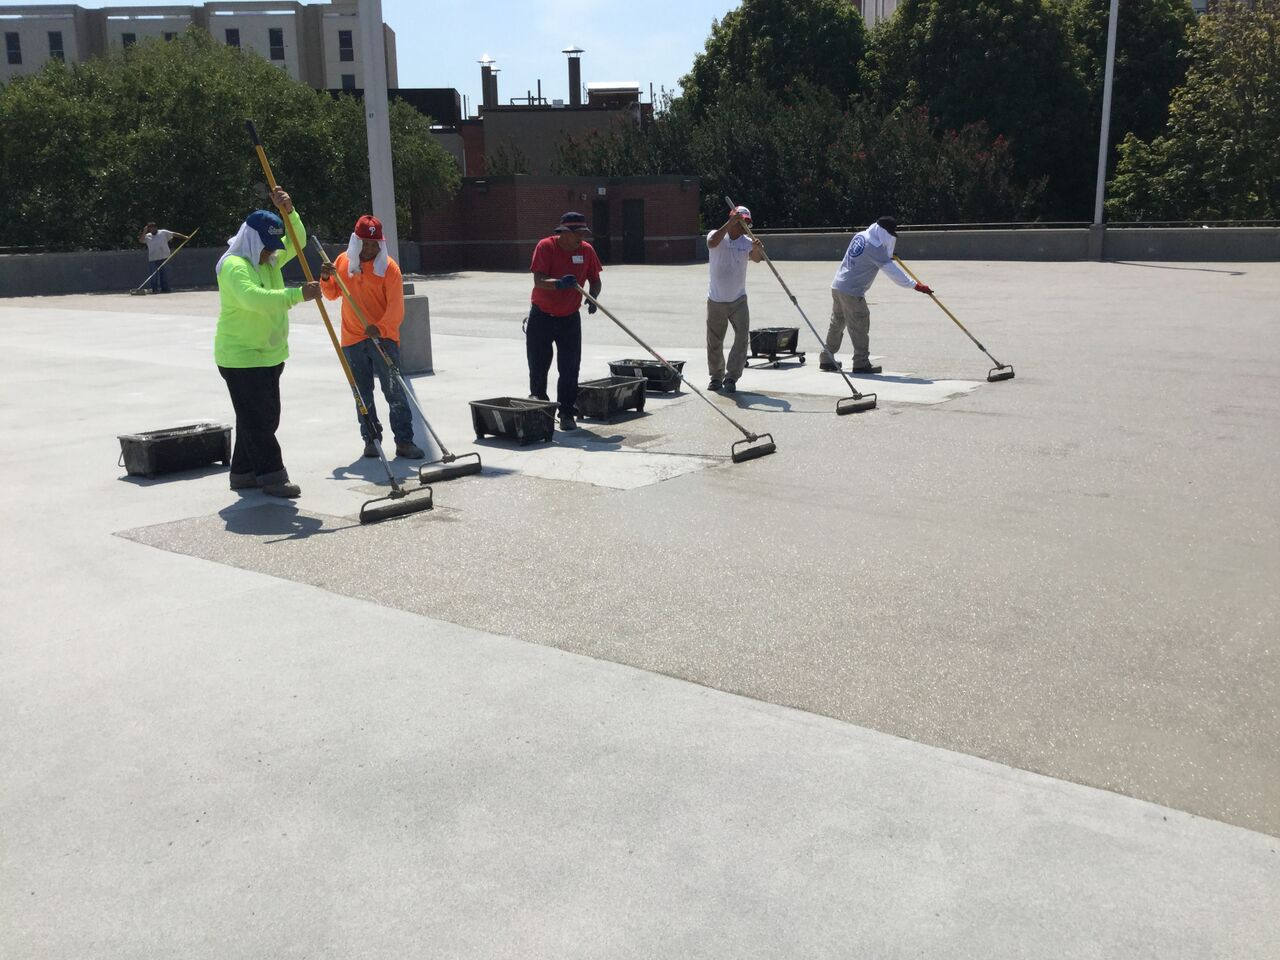 weatherproof outdoor concrete coating